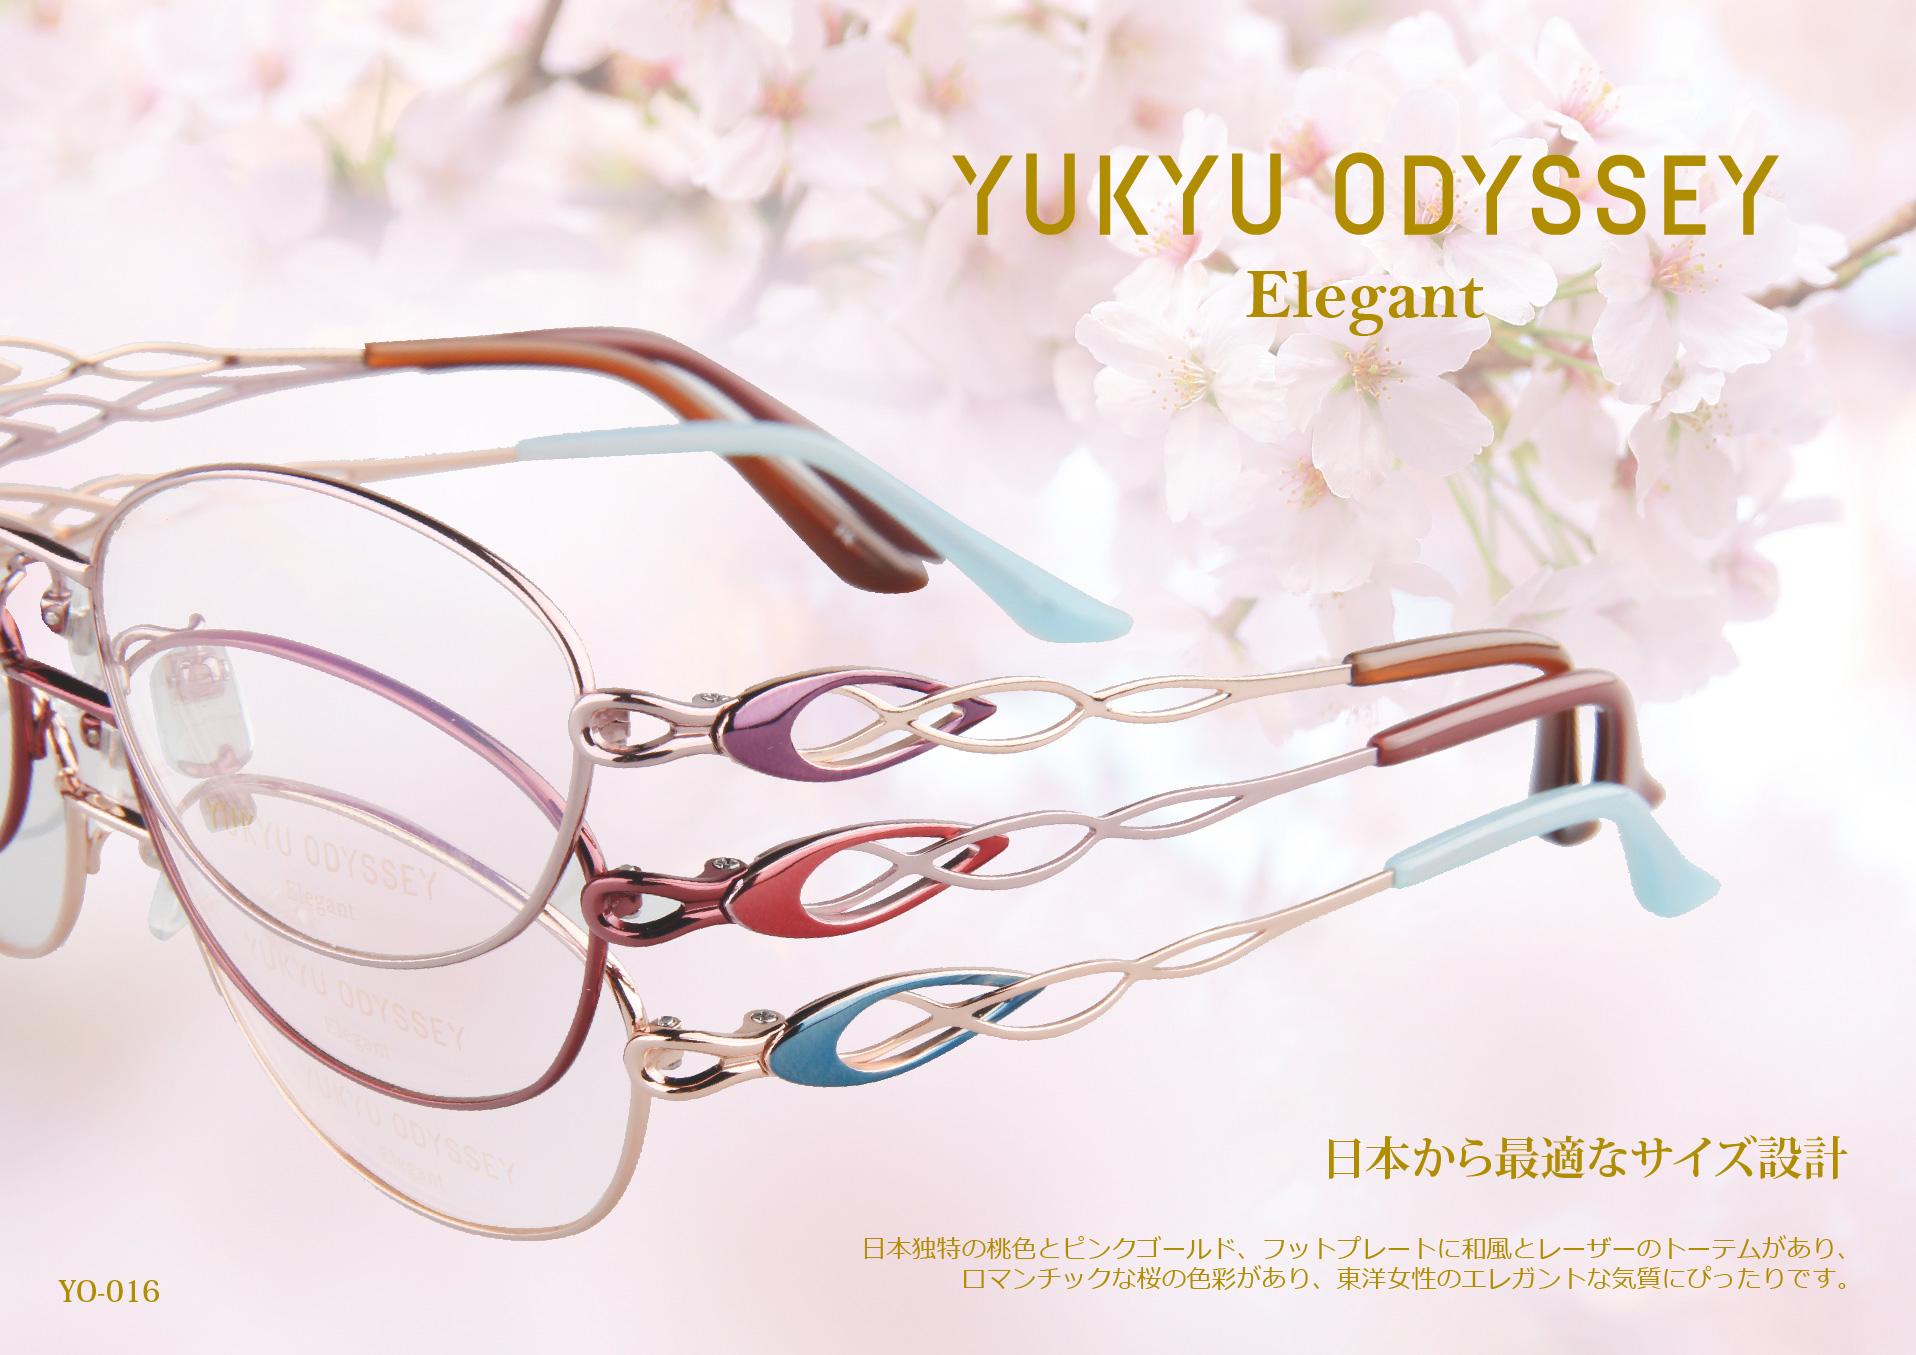 YUKYU ODYSSEY